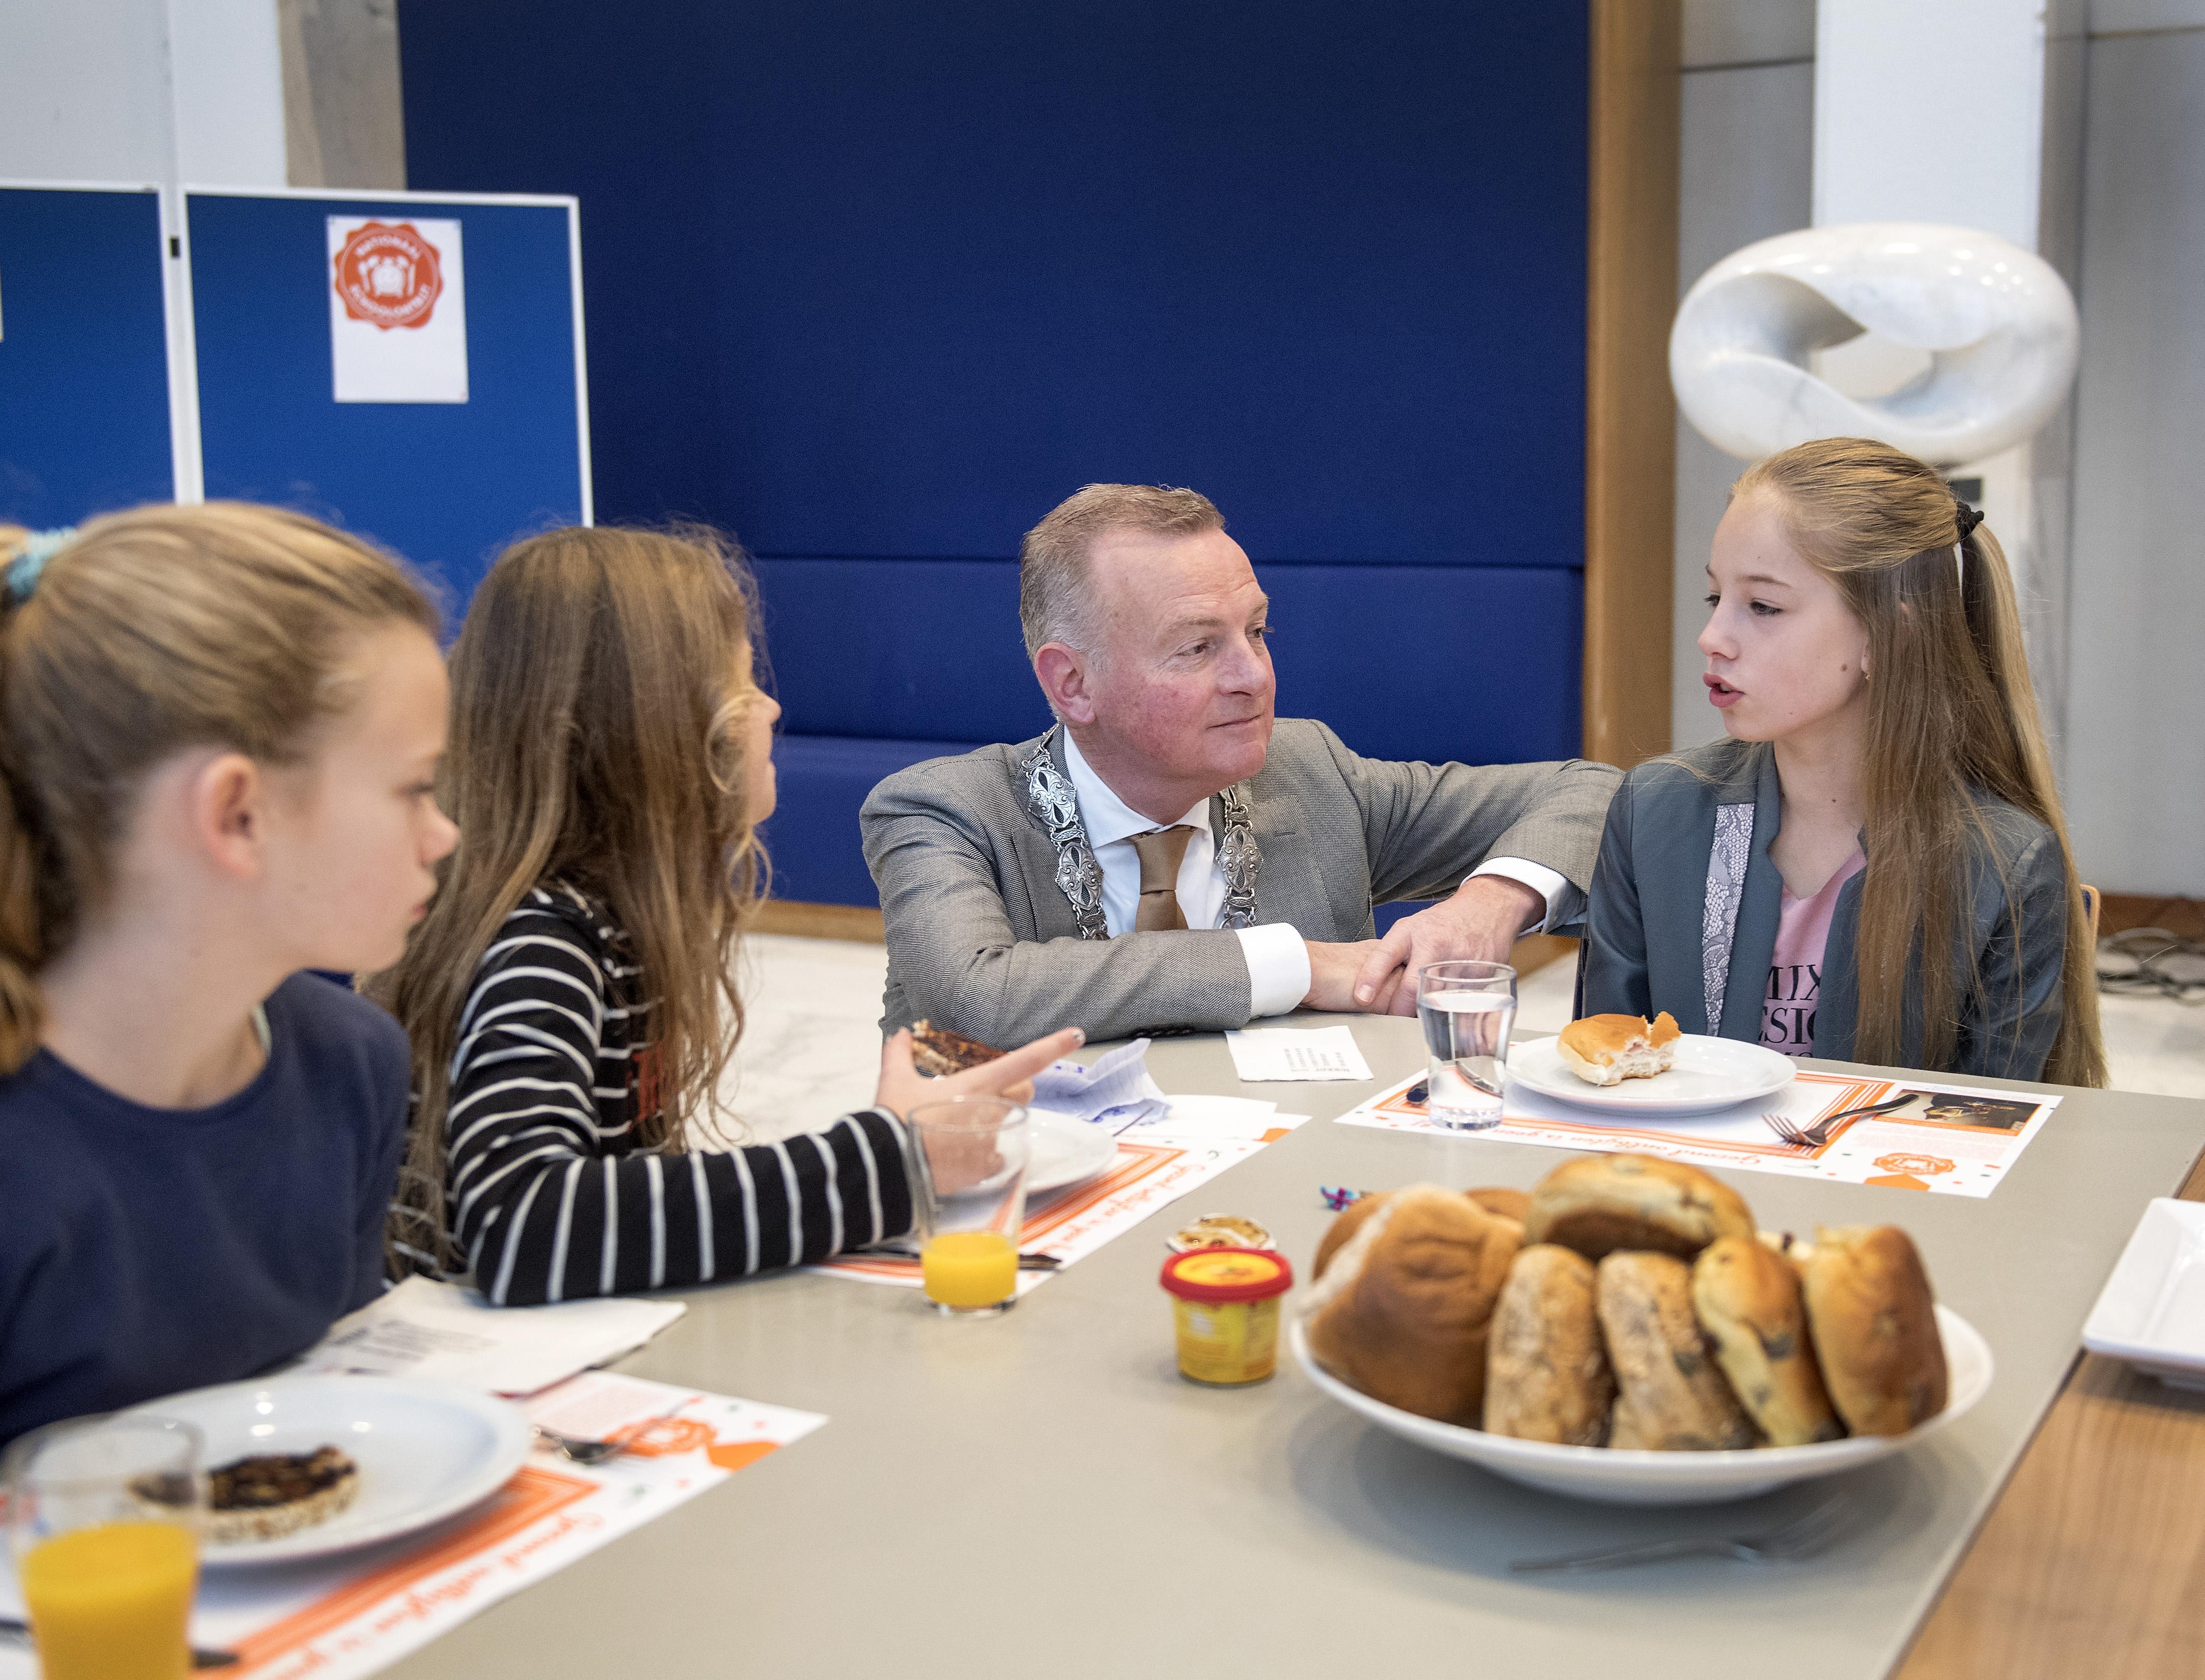 Leerlingen groep 7 Jan Campertschool ontbijten met burgemeester Dales